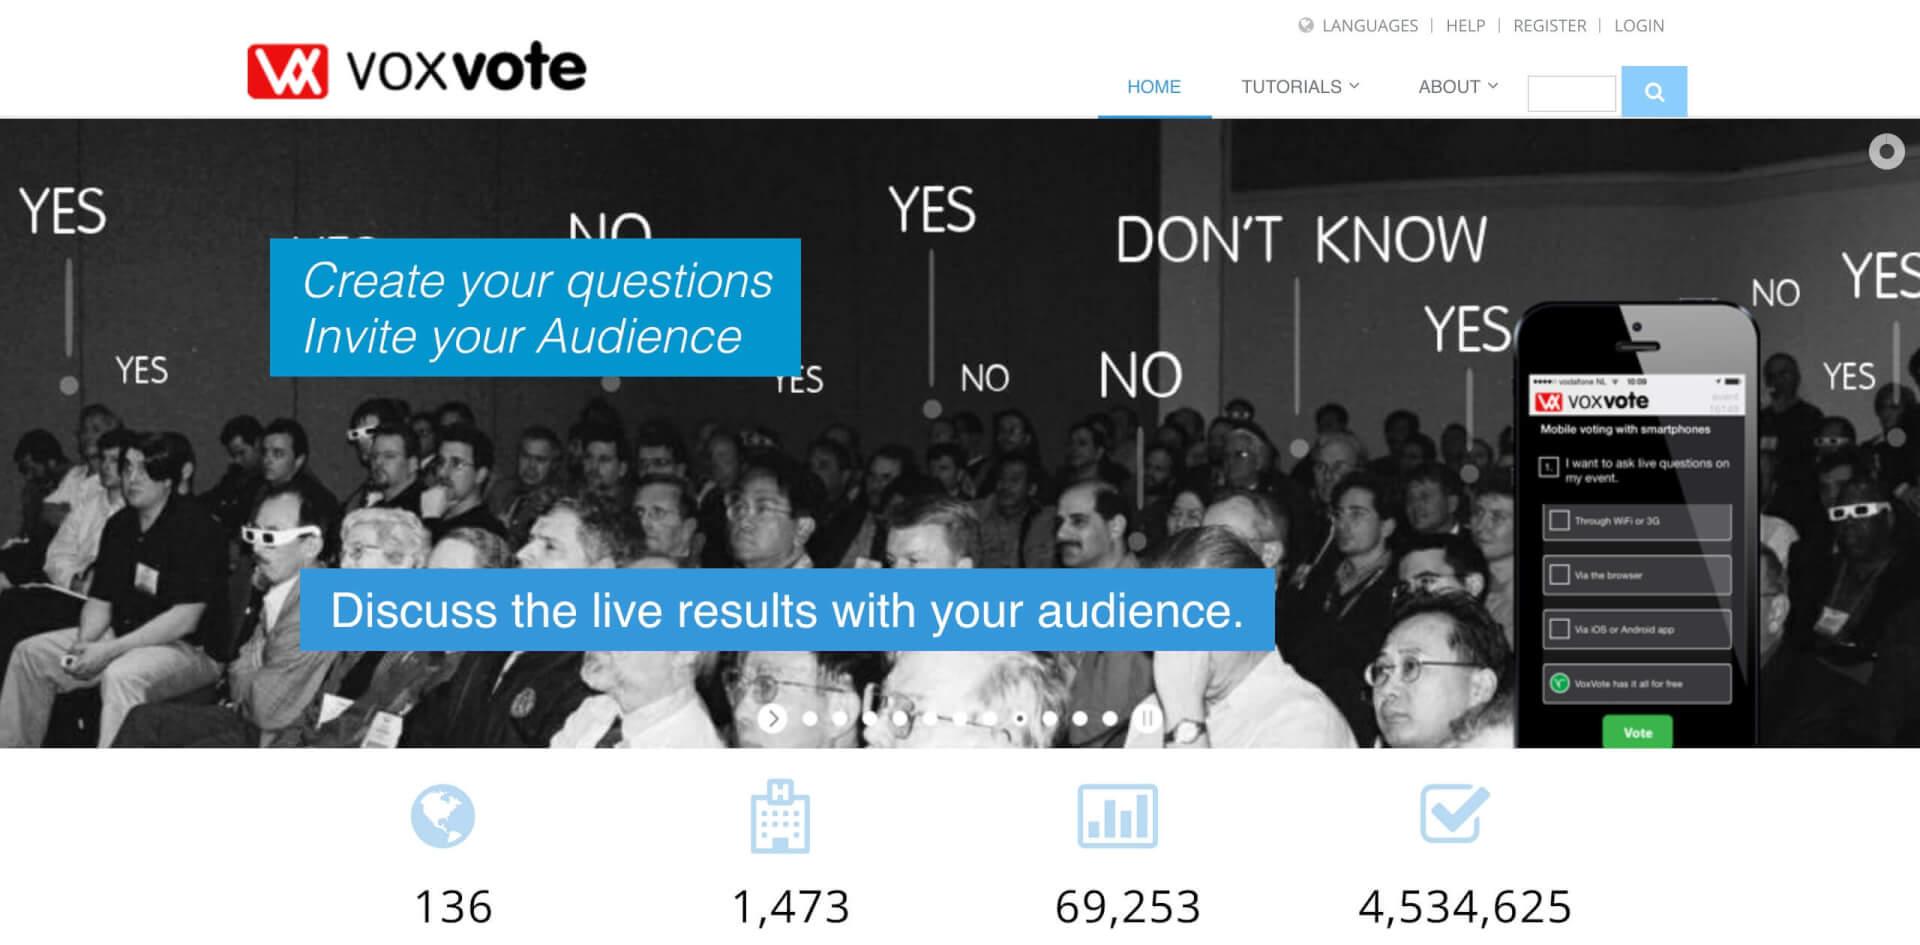 VoxVote Mobile Voting Vortrag JSS Digital 1